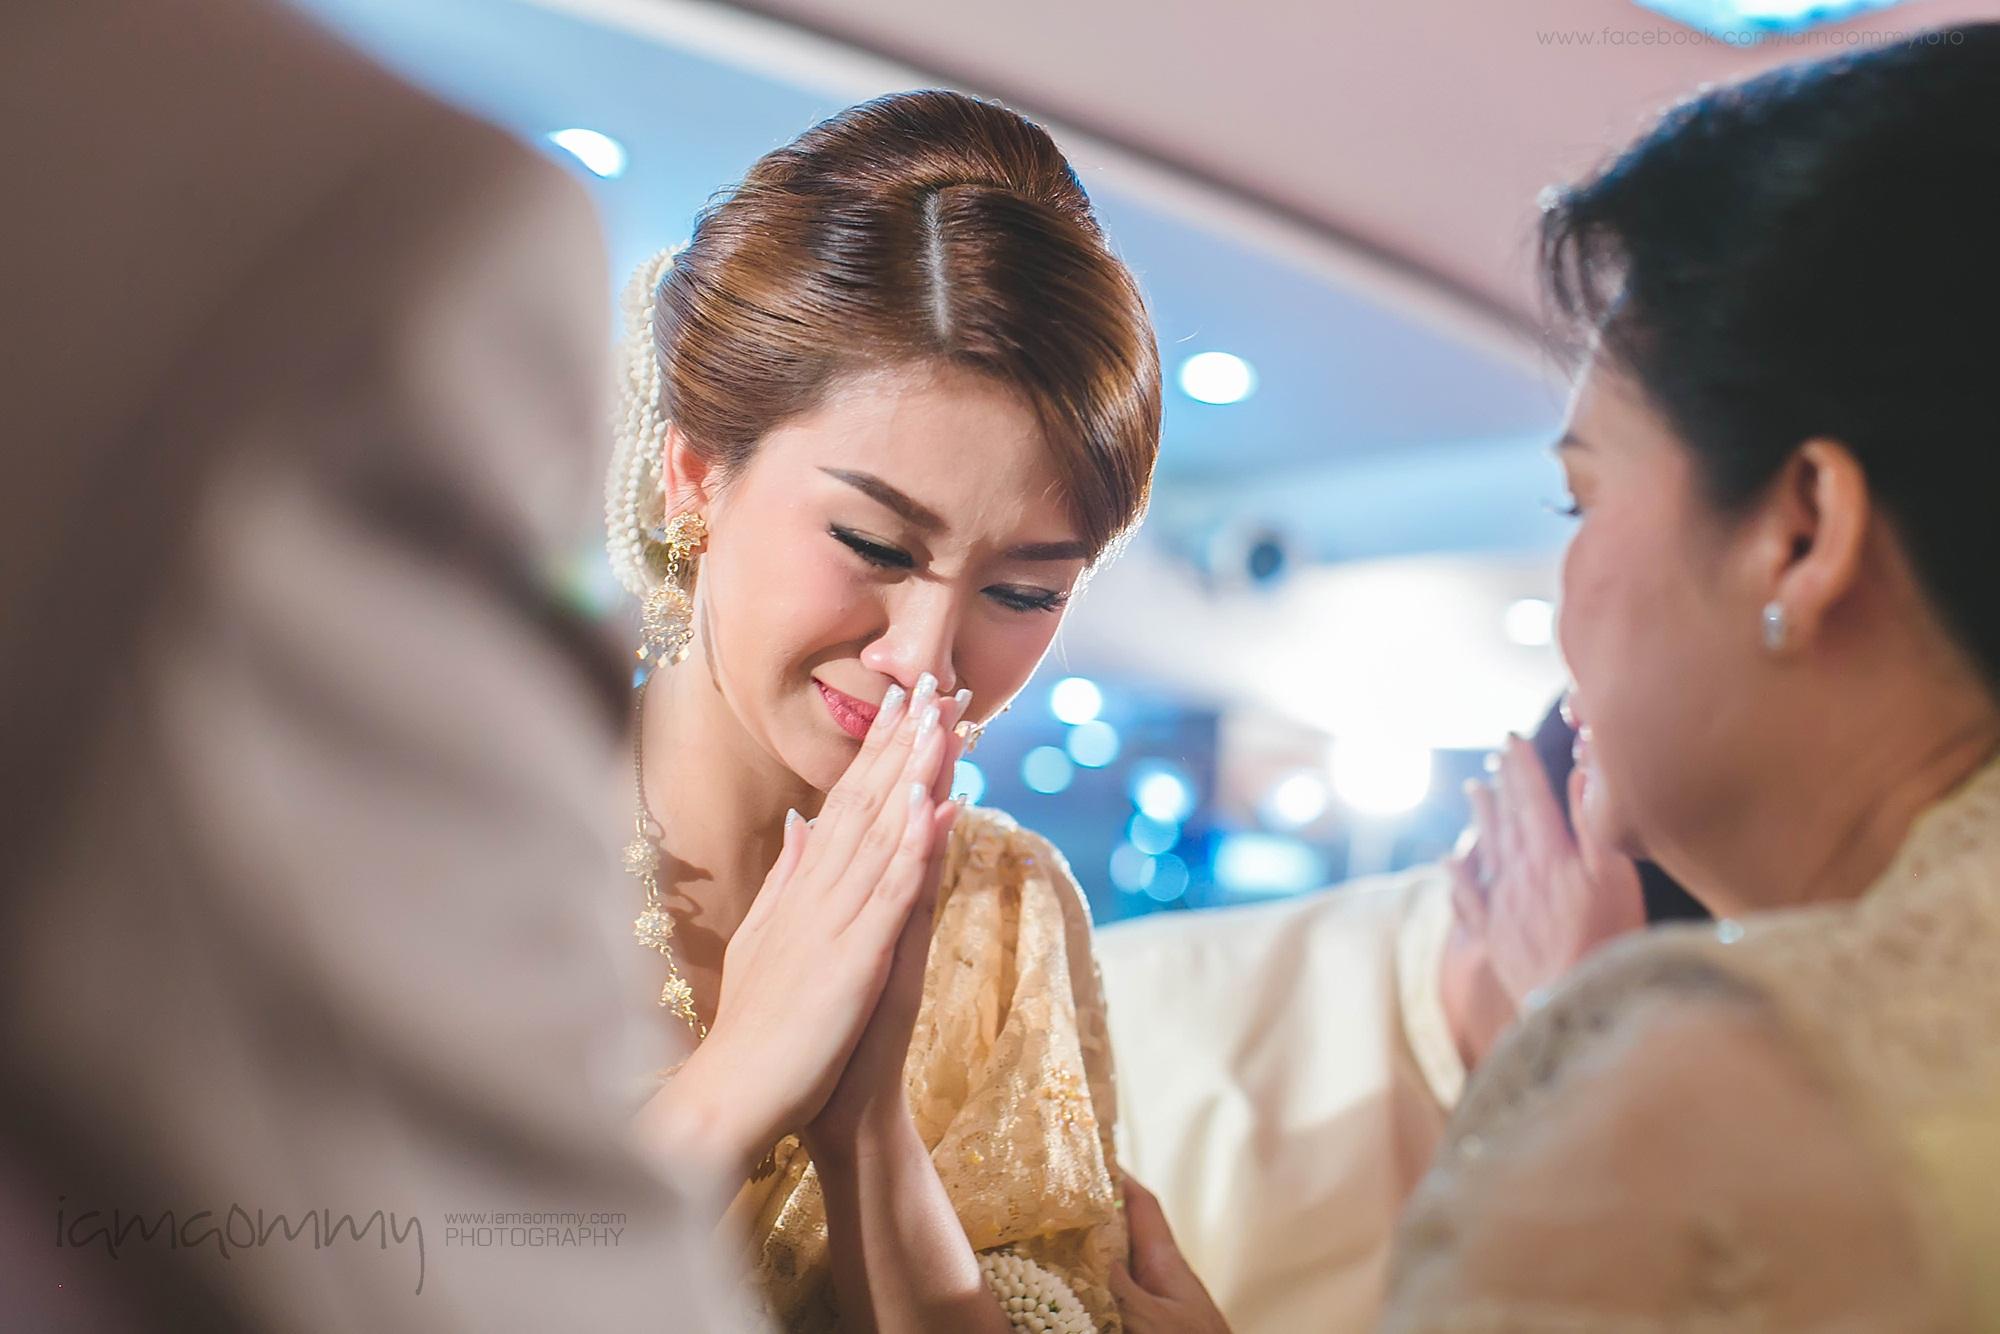 ถ่ายภาพแต่งงงาน_สมาคมชาวปักษ์ใต้_Elle&Nut_0560